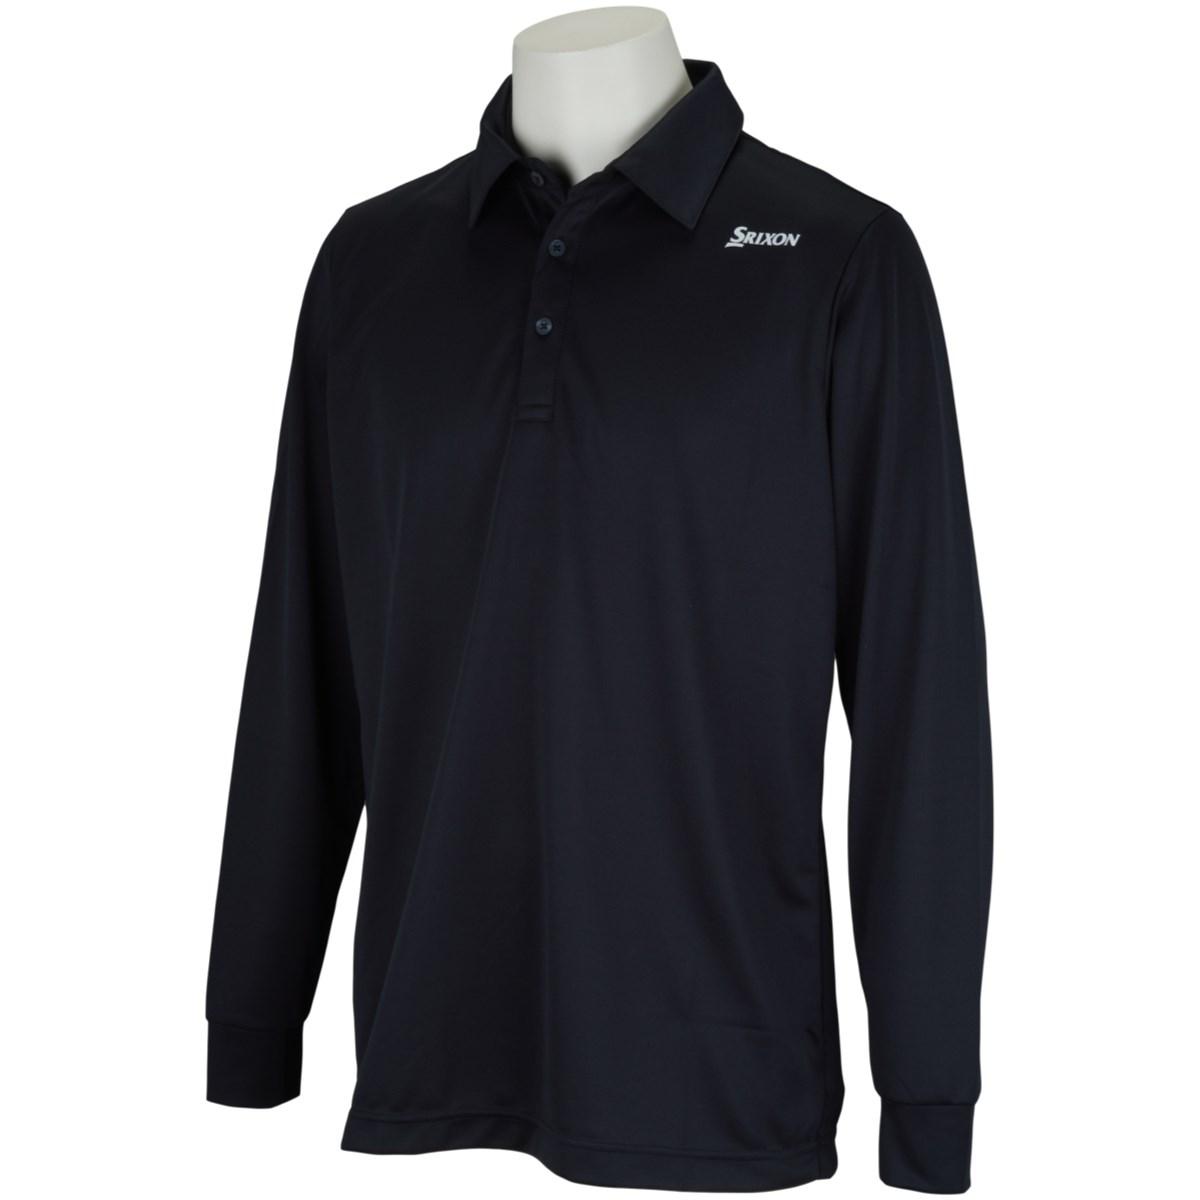 [2021年春夏モデル] スリクソンゴルフ 長袖ポロシャツ ブラック 00 メンズ ゴルフウェア